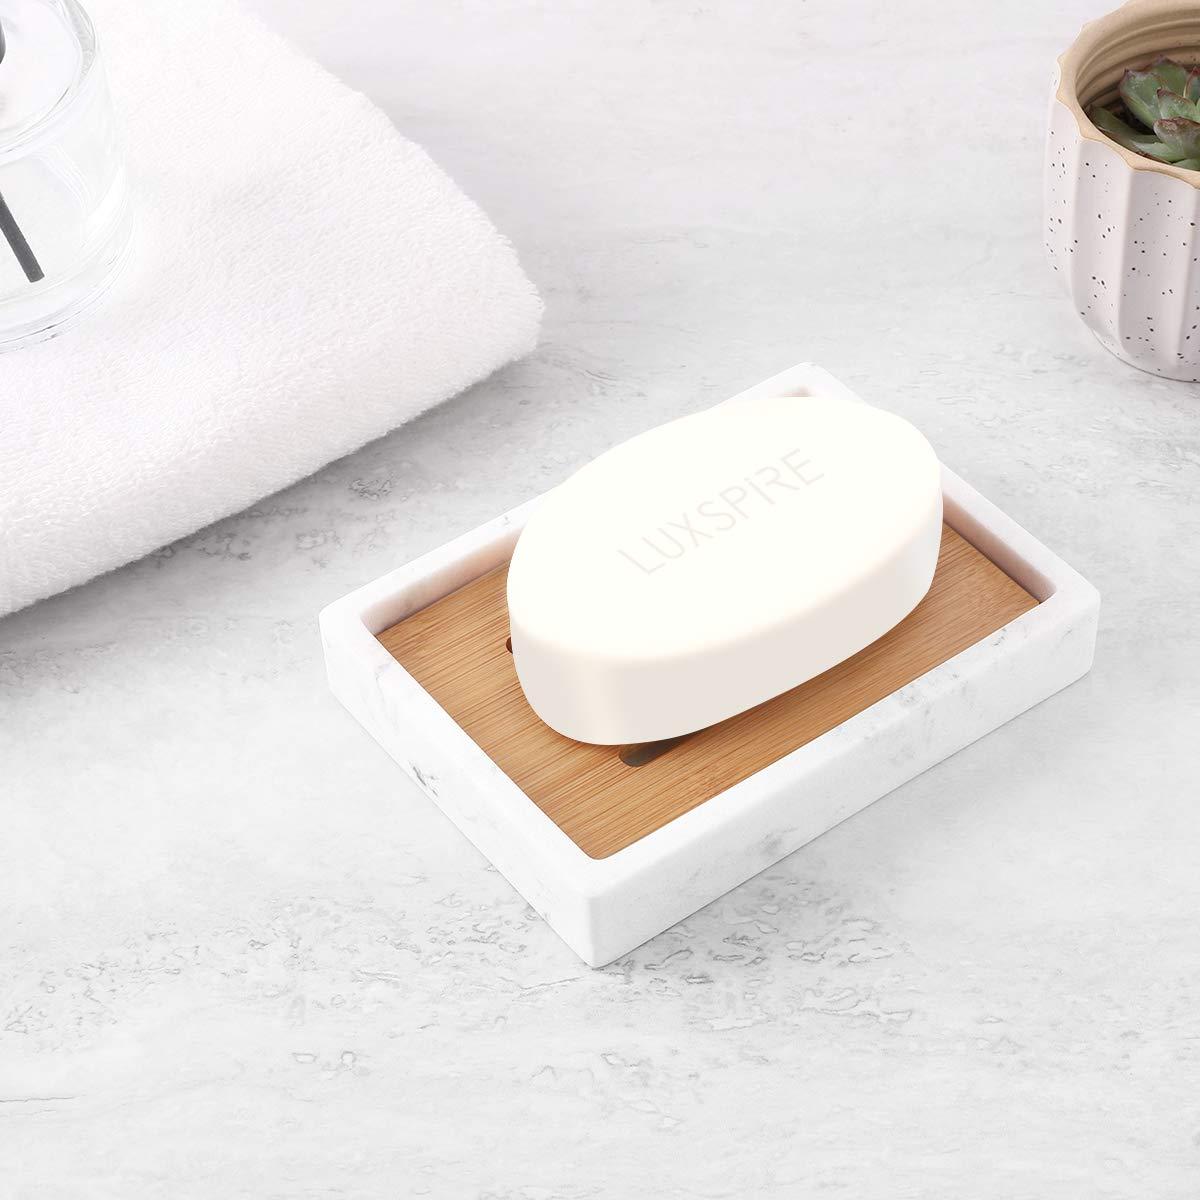 Luxspire Portasapone con Chip di bamb/ù Bianco Vassoio Resina Custodia Rotonda per Portasapone Contenitore per Sapone Drenante a Doppio Strato per Bancone del Bagno Cucina